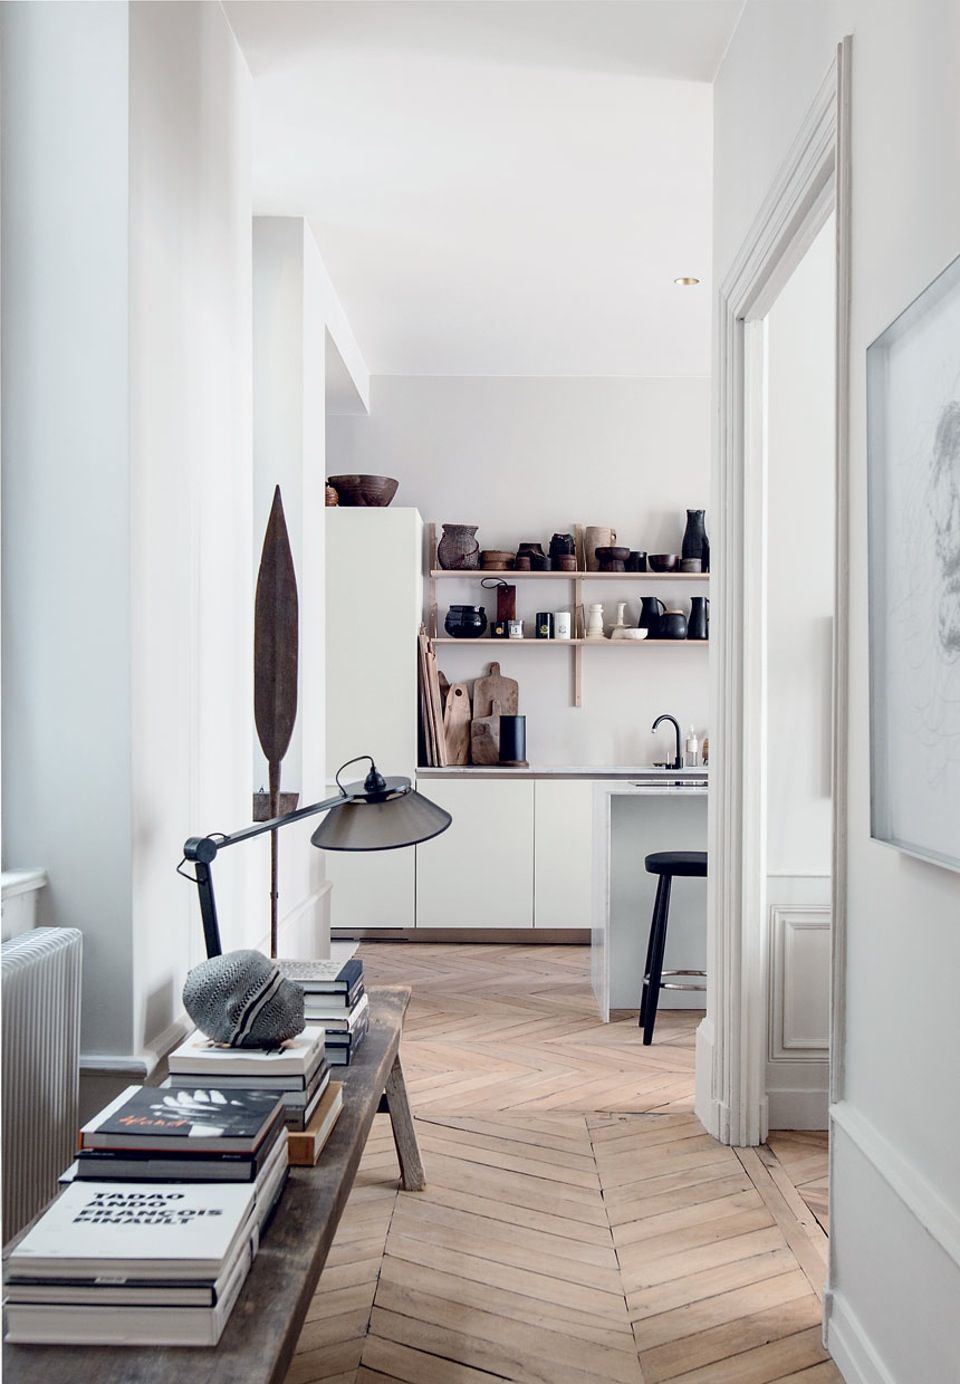 Eklektisk indrettet lejlighed i Lyon | Interiors, Kitchens and ...